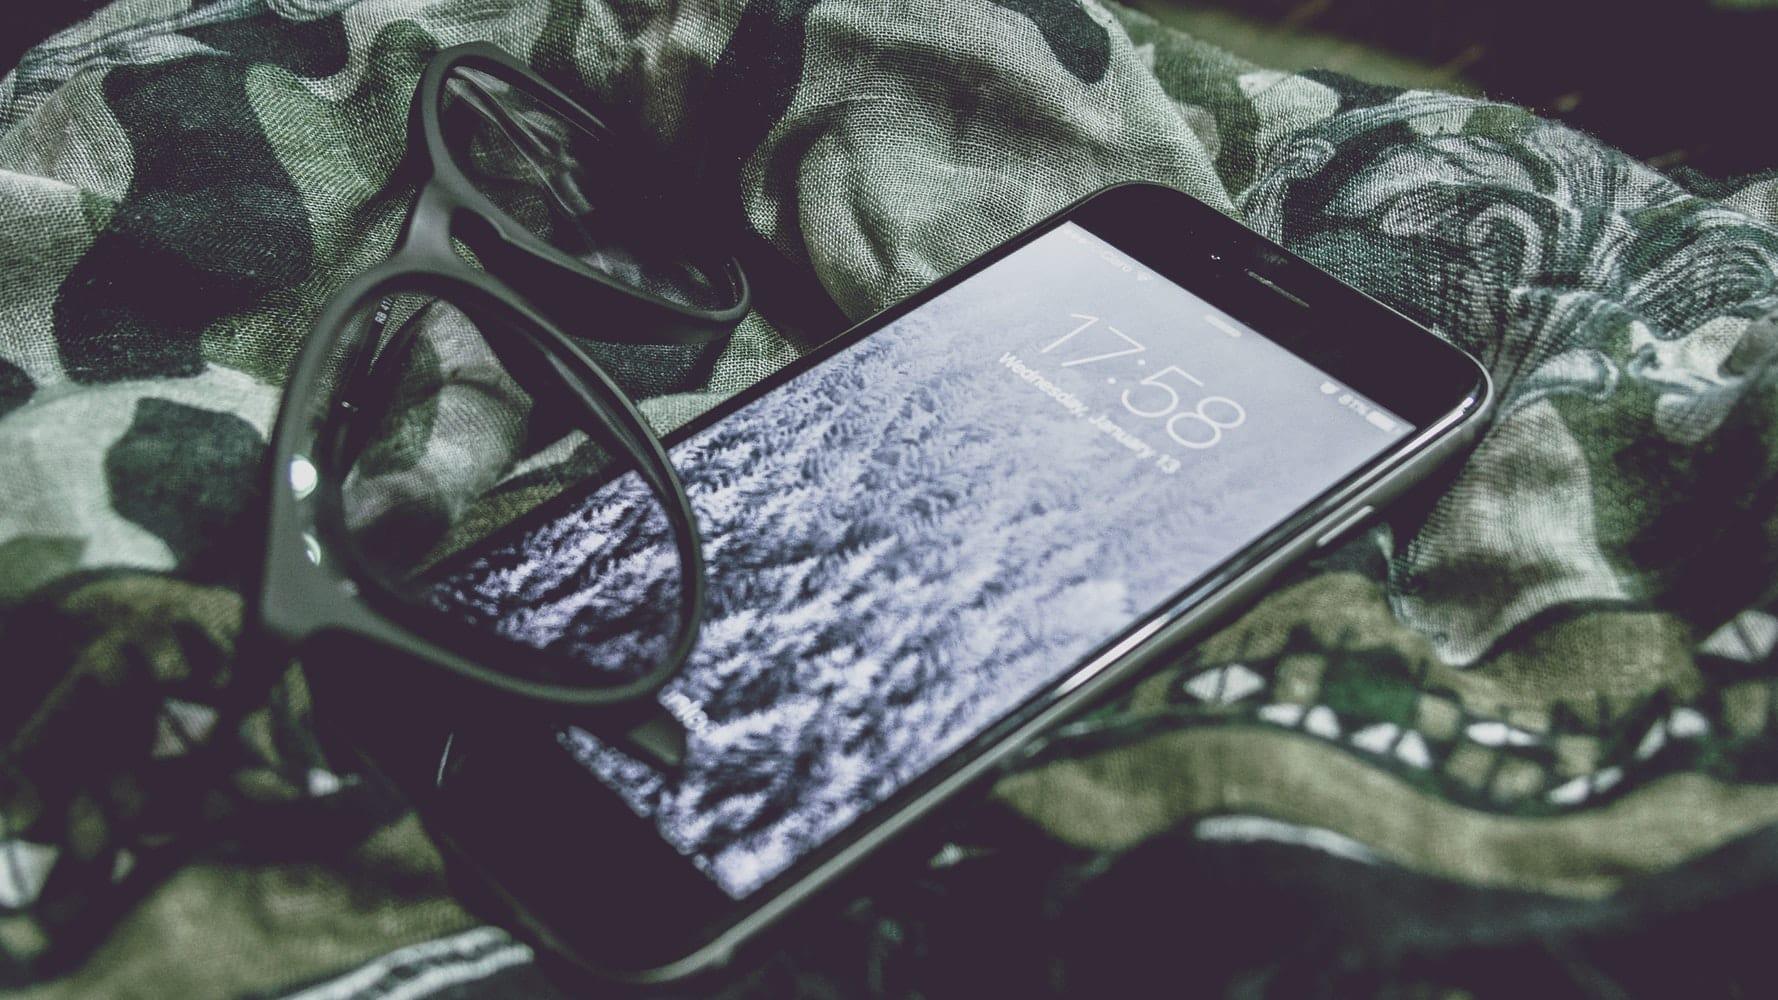 L'uragano Iliad scuote il mondo della telefonia mobile.